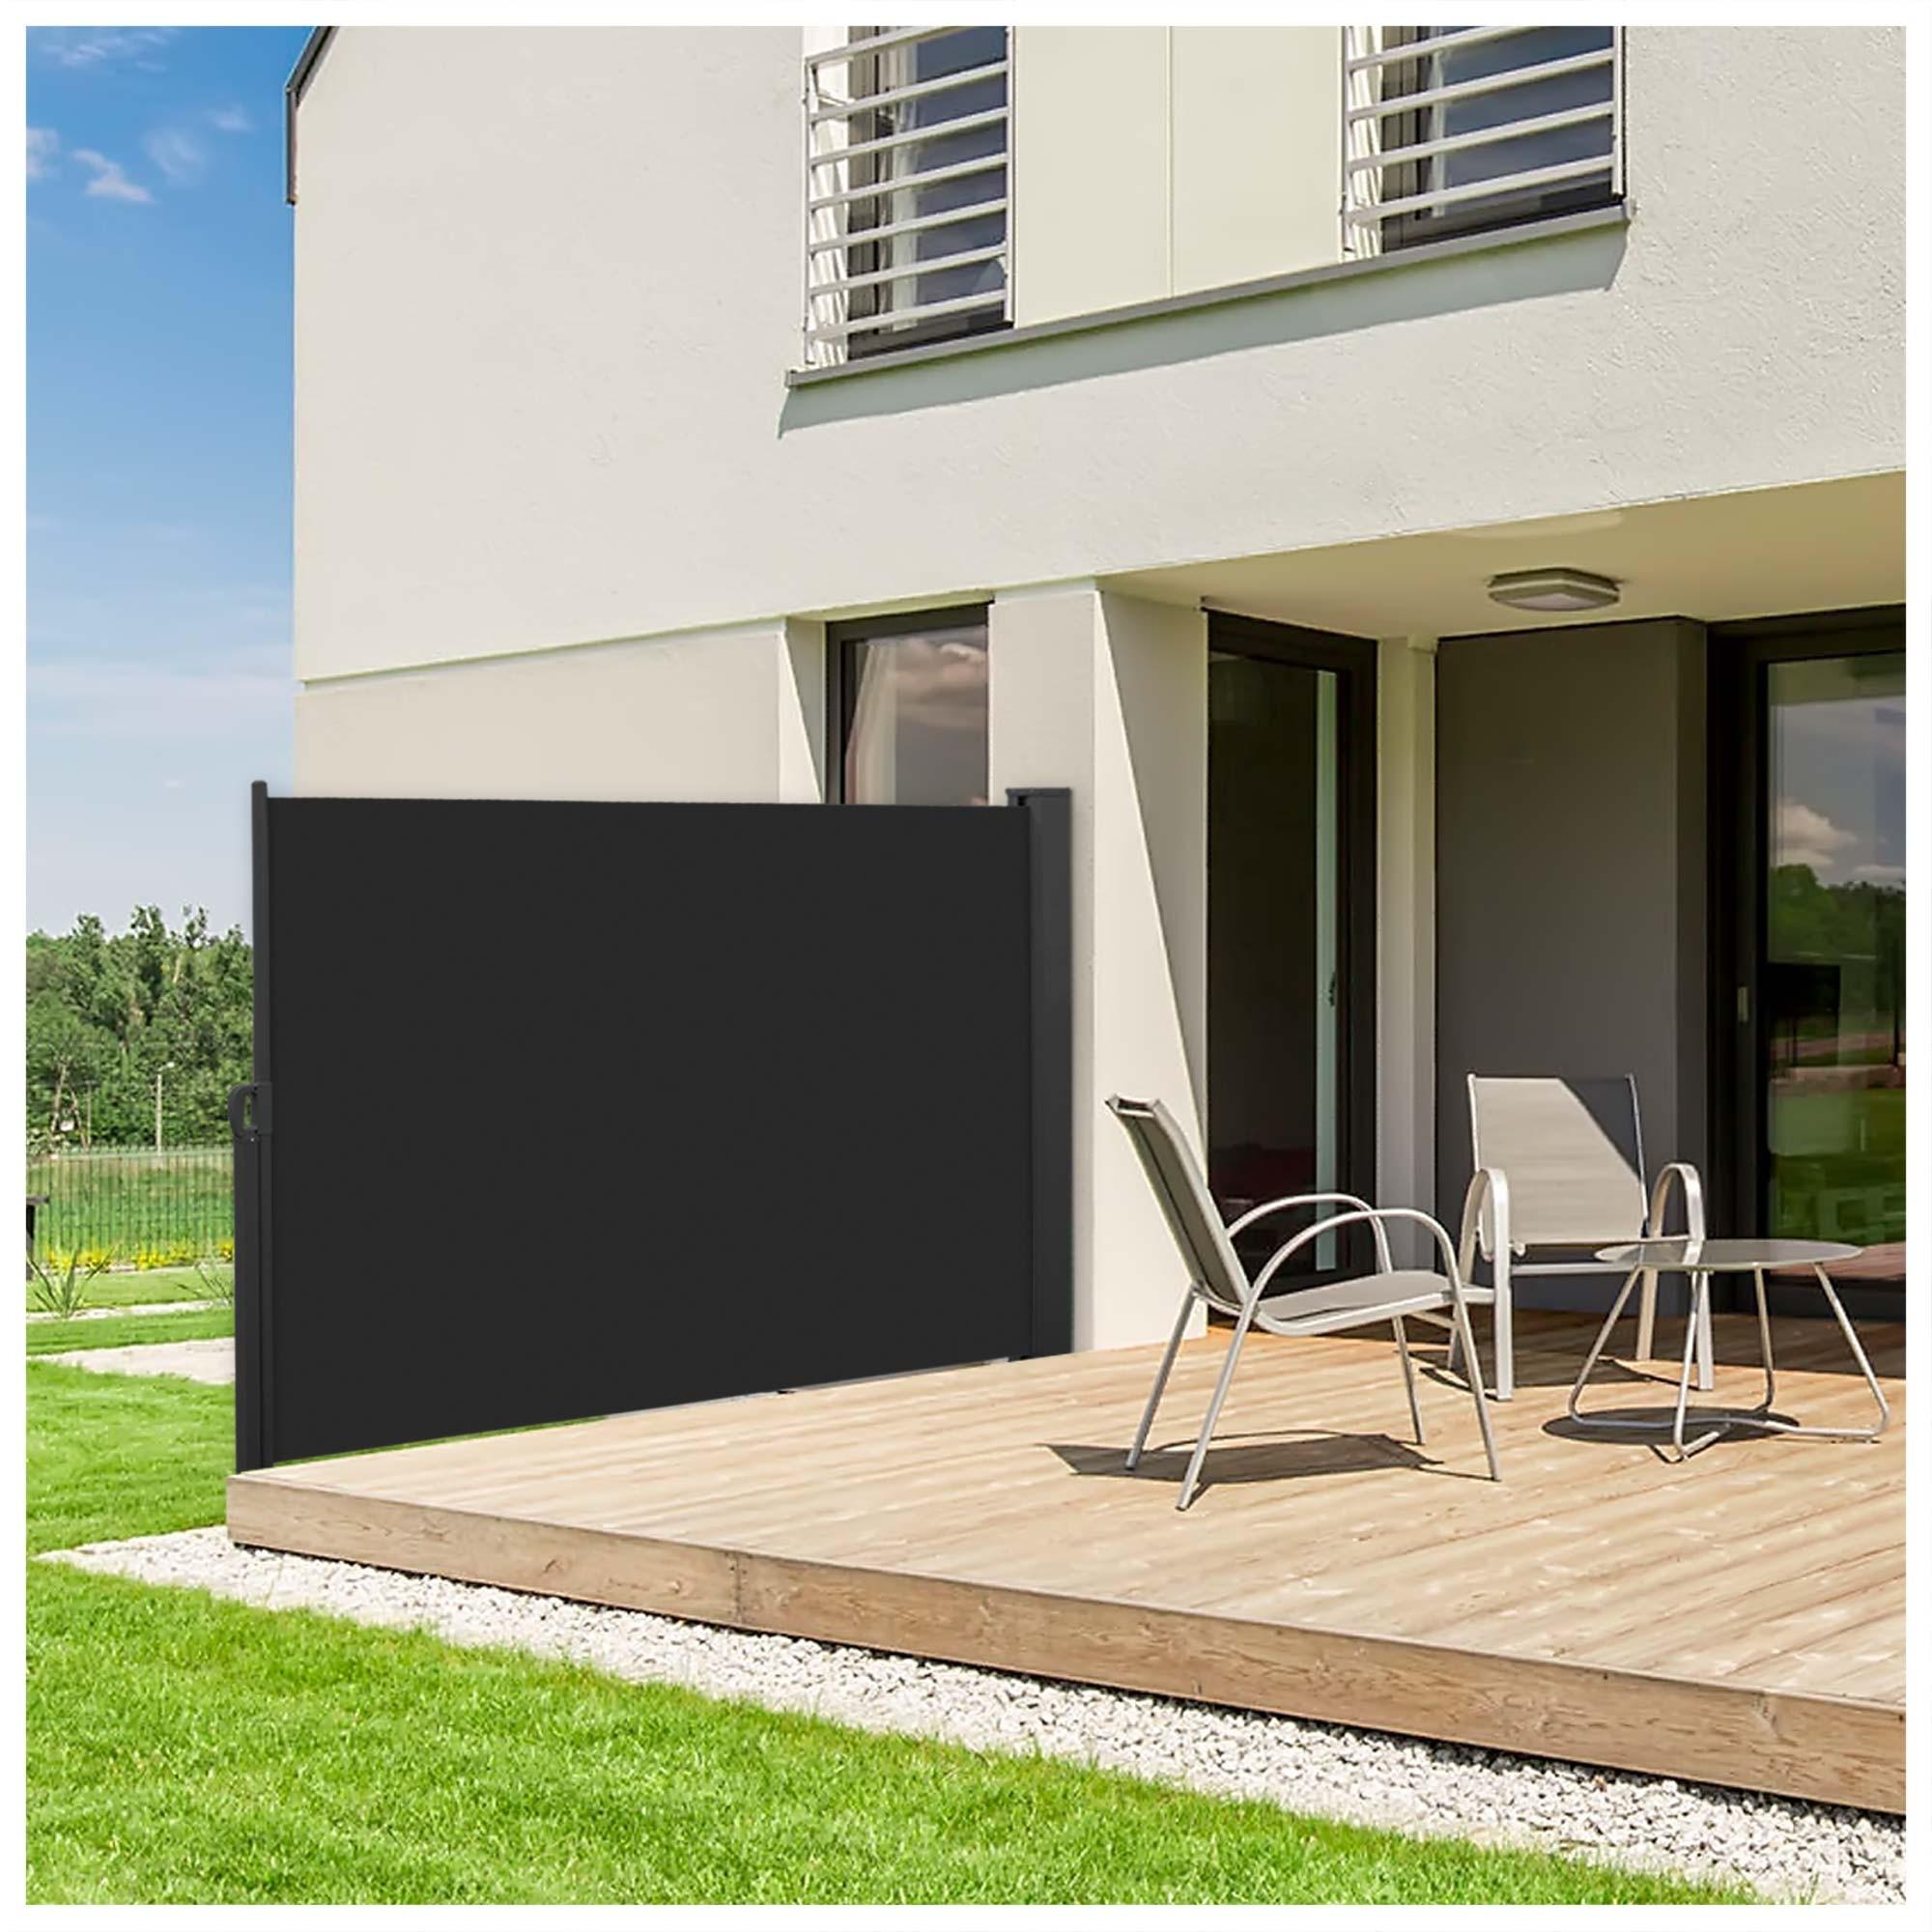 wundersch nen sichtschutz markise einzigartige ideen zum. Black Bedroom Furniture Sets. Home Design Ideas